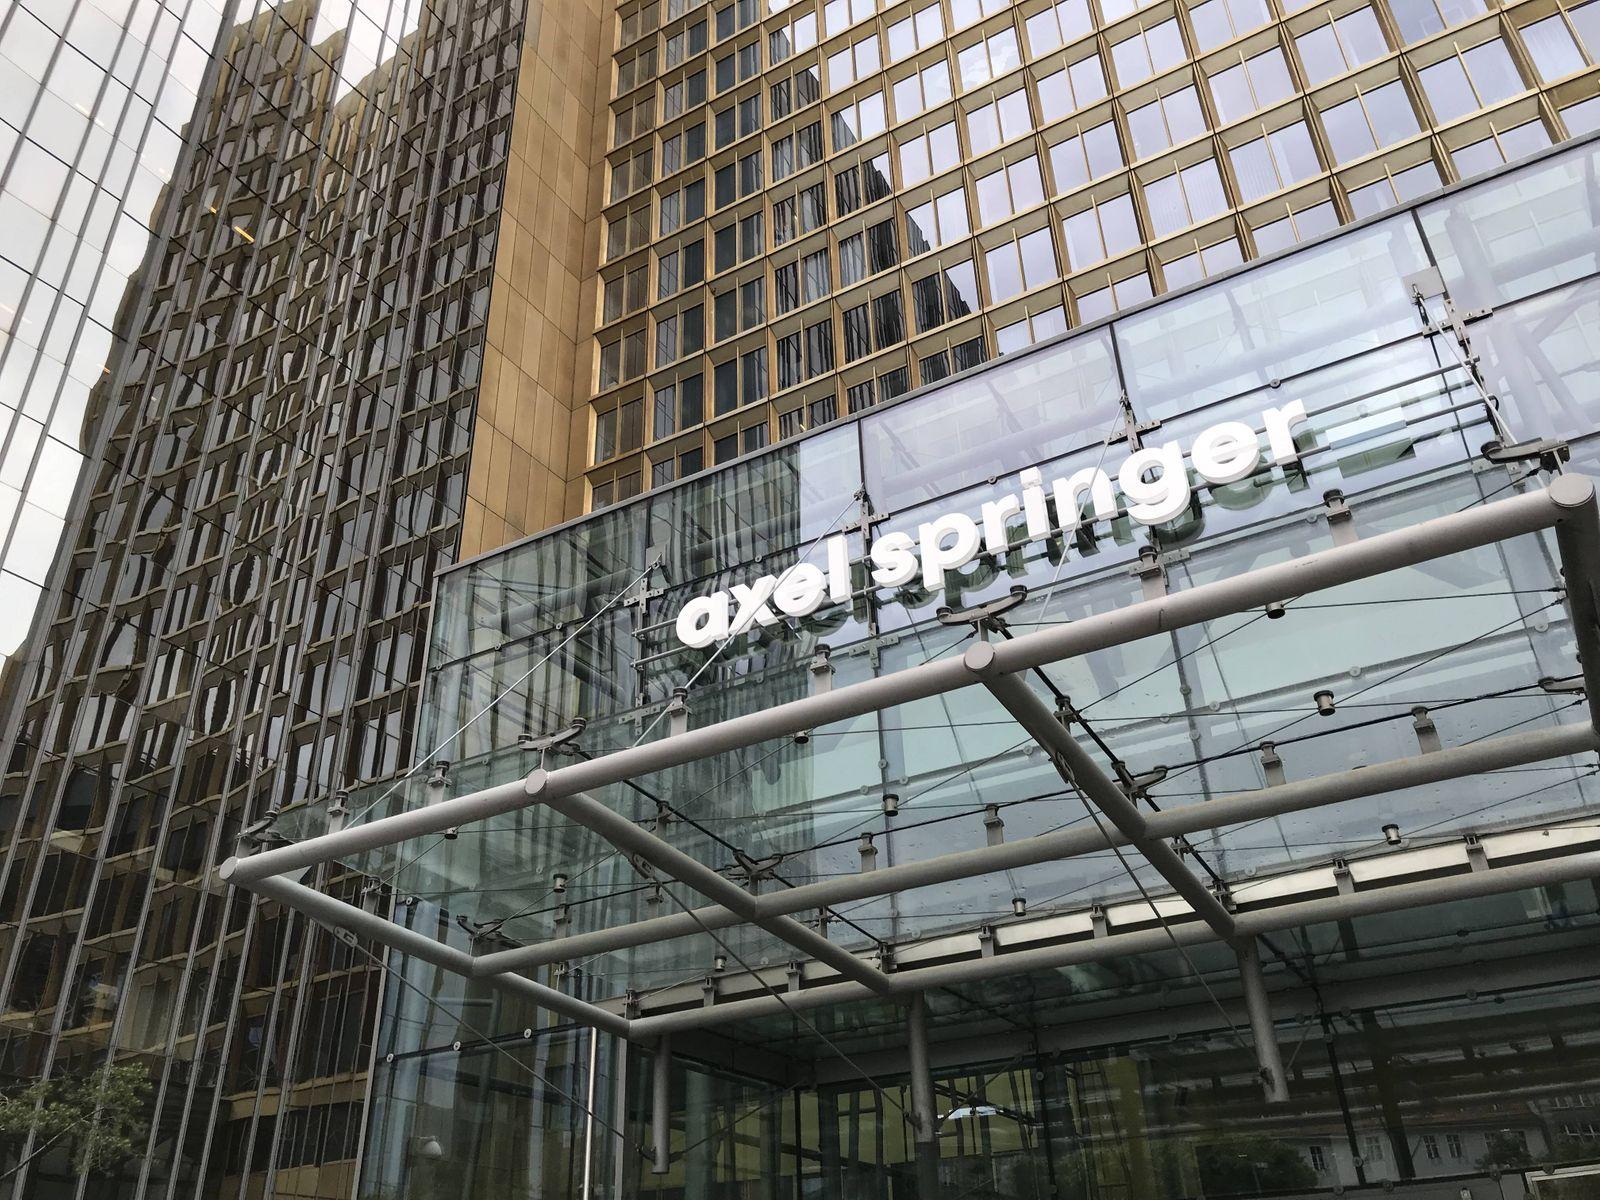 Amerikanischer Investor KKR steigt bei Axel Springer ein 13 06 2019 *** American investor KKR joins